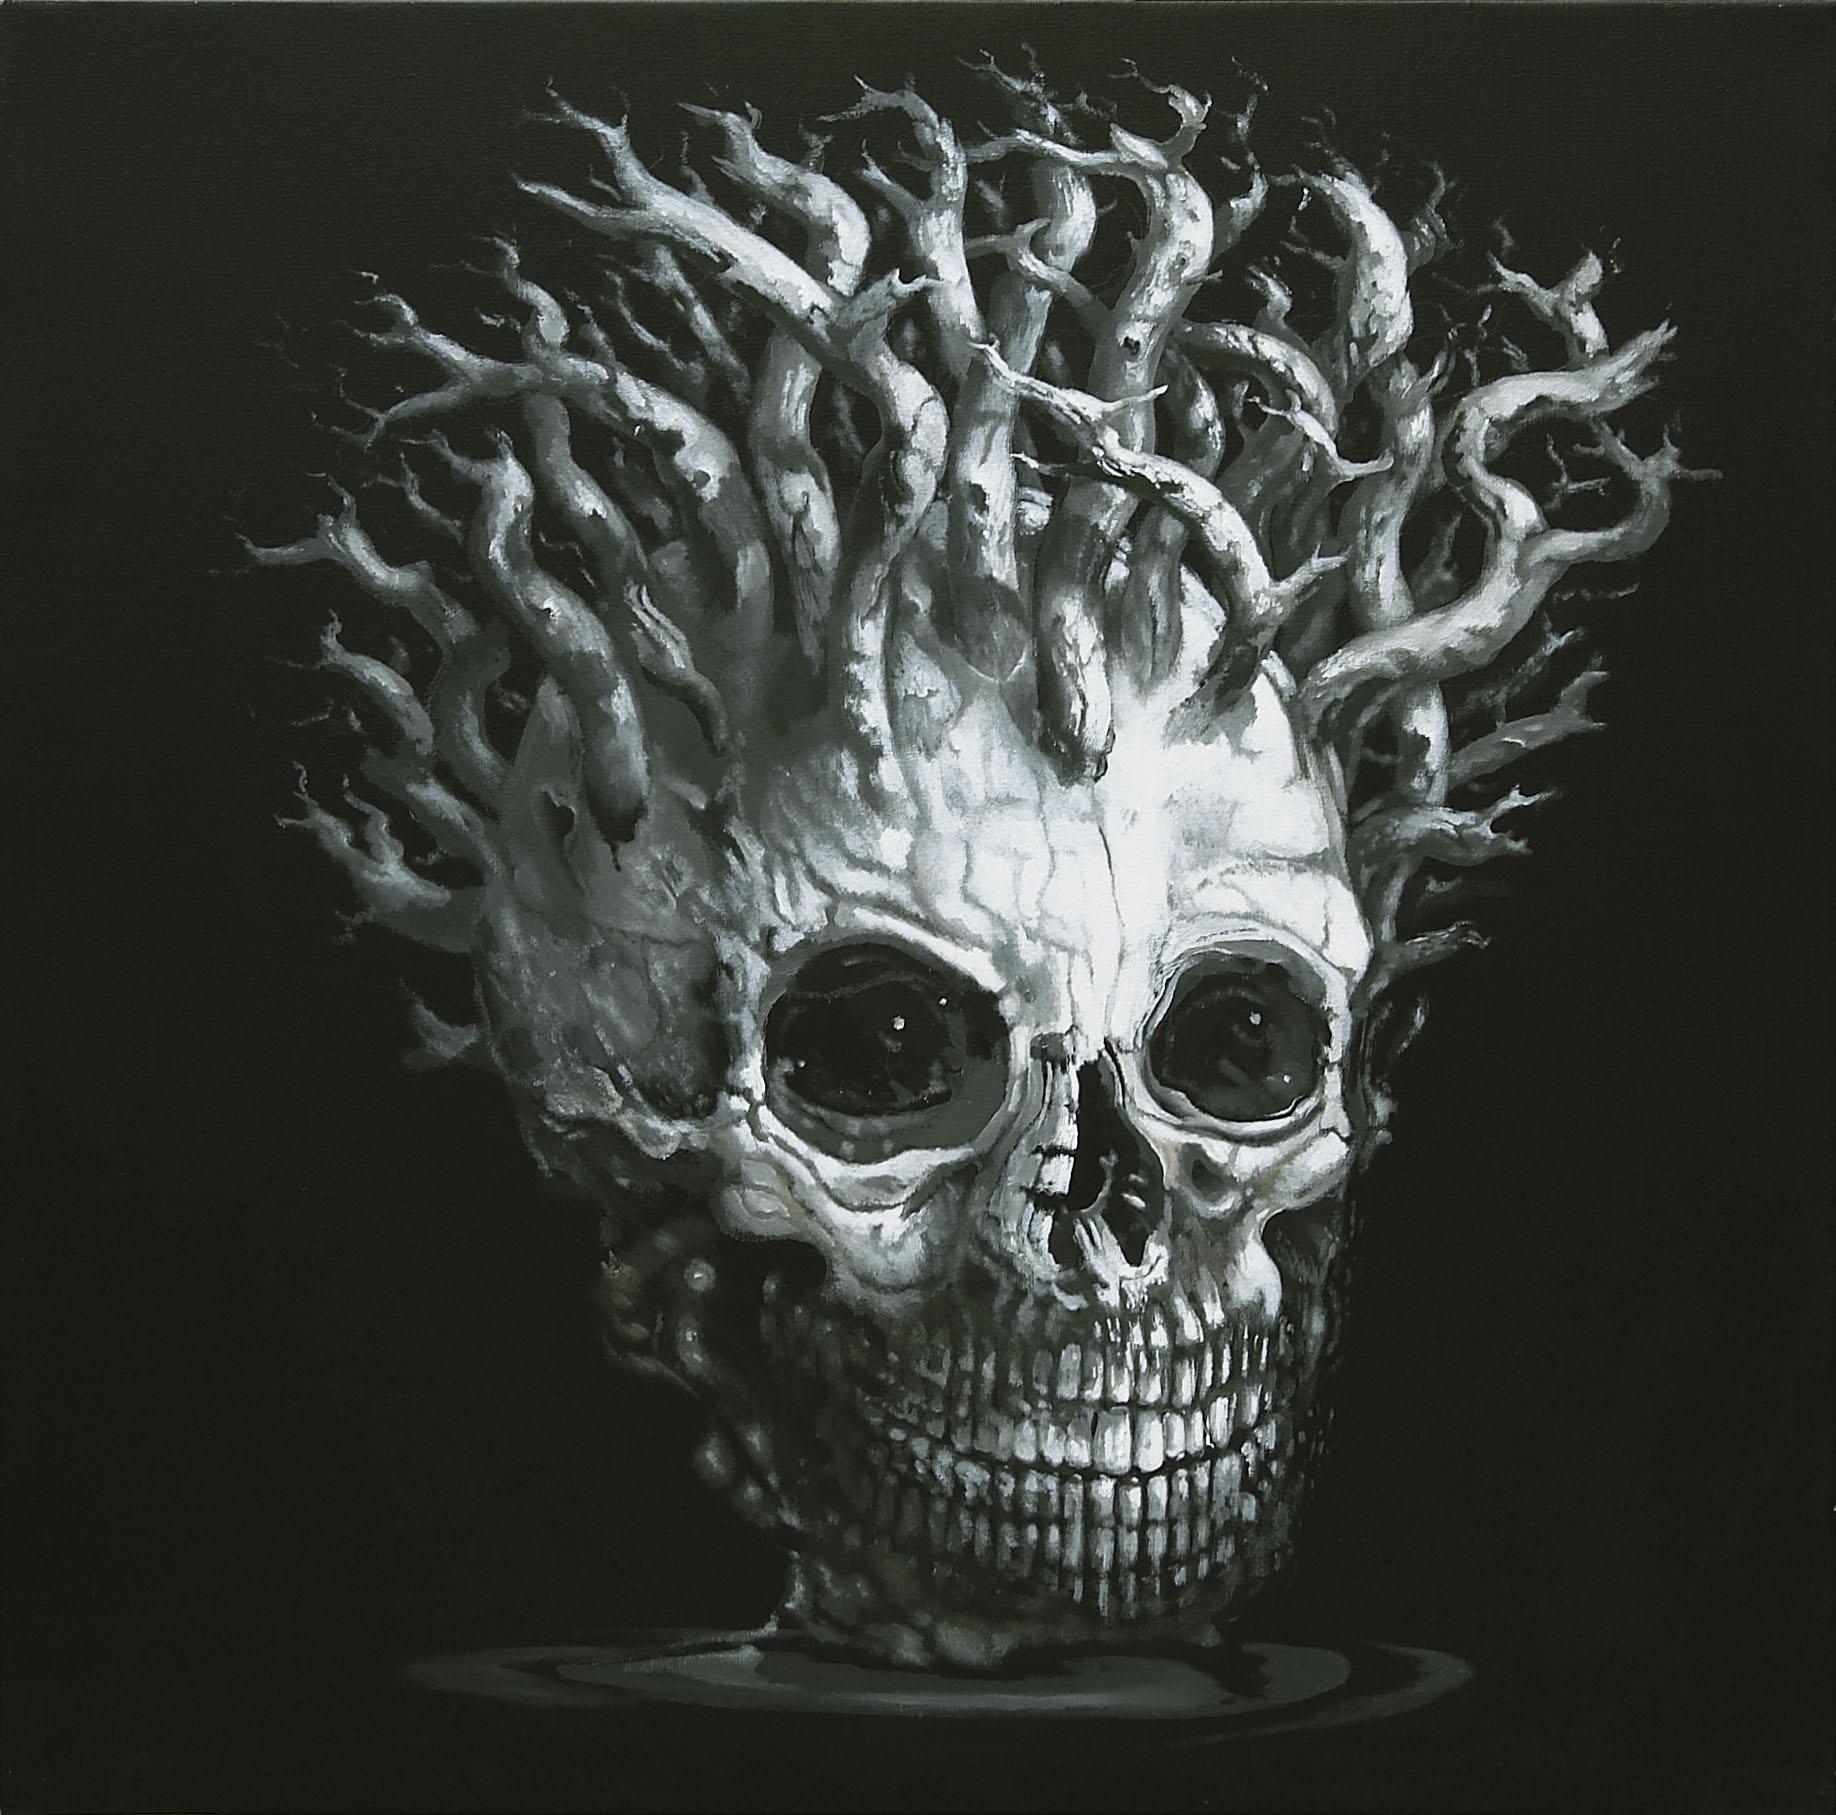 Jose Garcia Cordero - La muerte no acaba nada, 2006